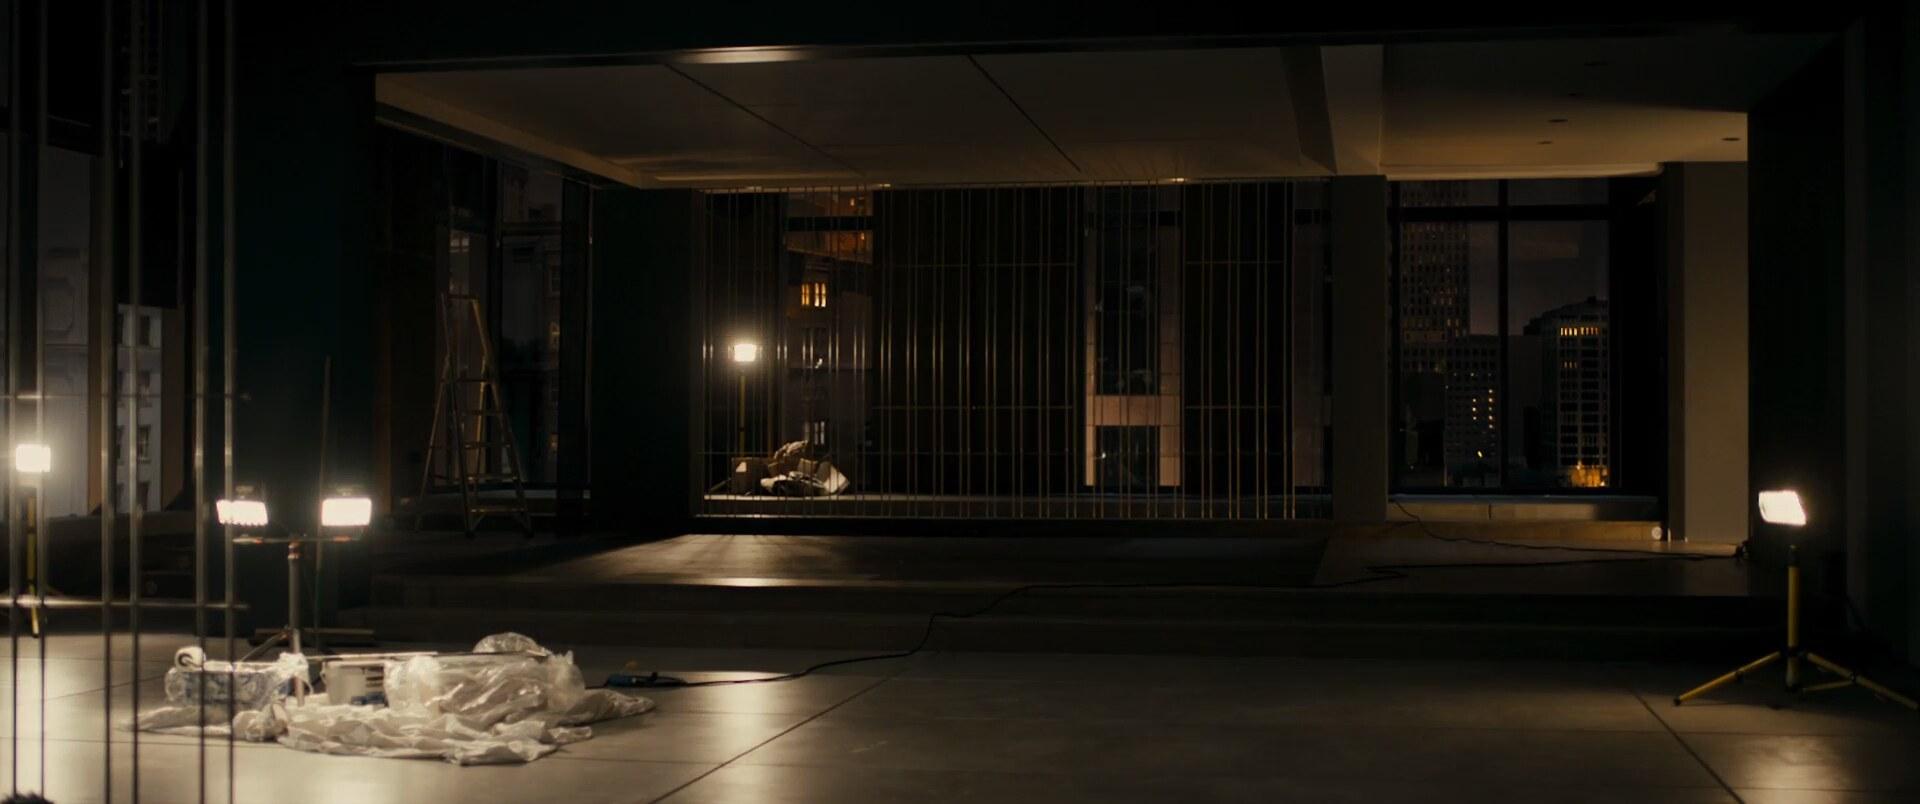 квартира из фильма лофт